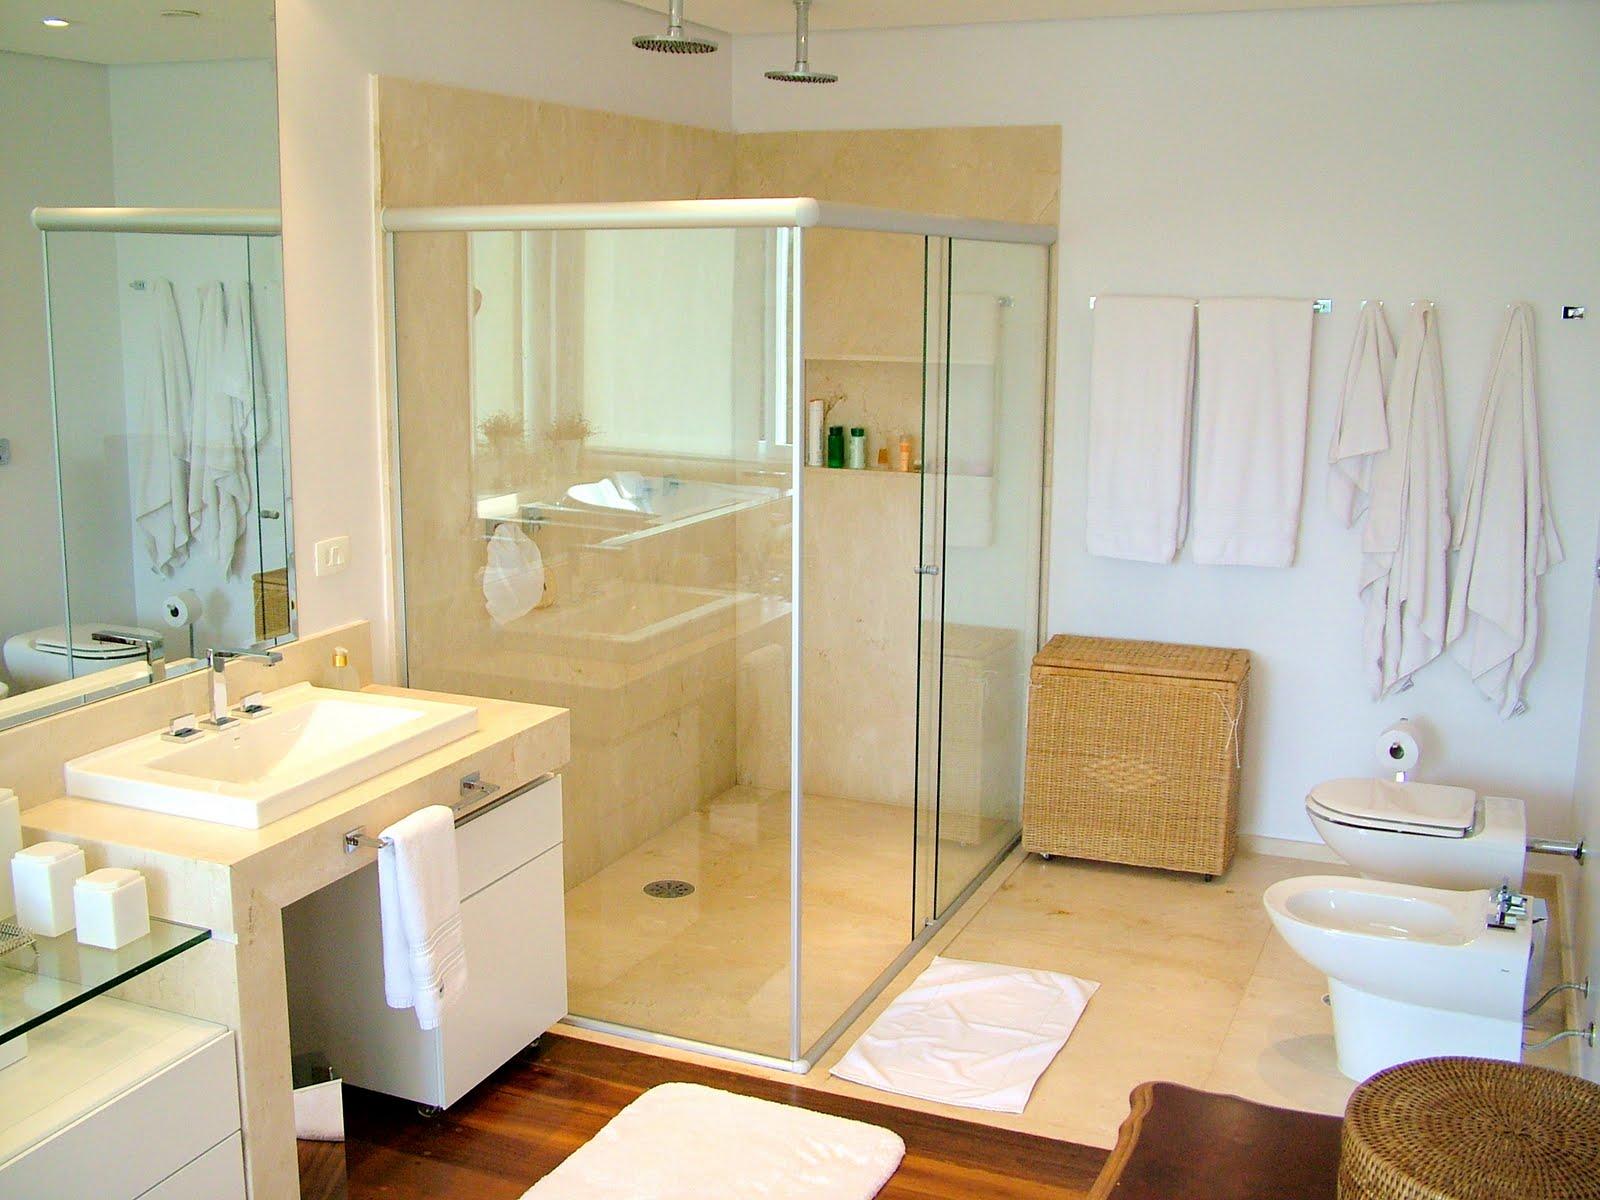 Imagens de #71411F Modelos de box para banheiro Decorando Casas 1600x1200 px 2730 Box Banheiro Plastico